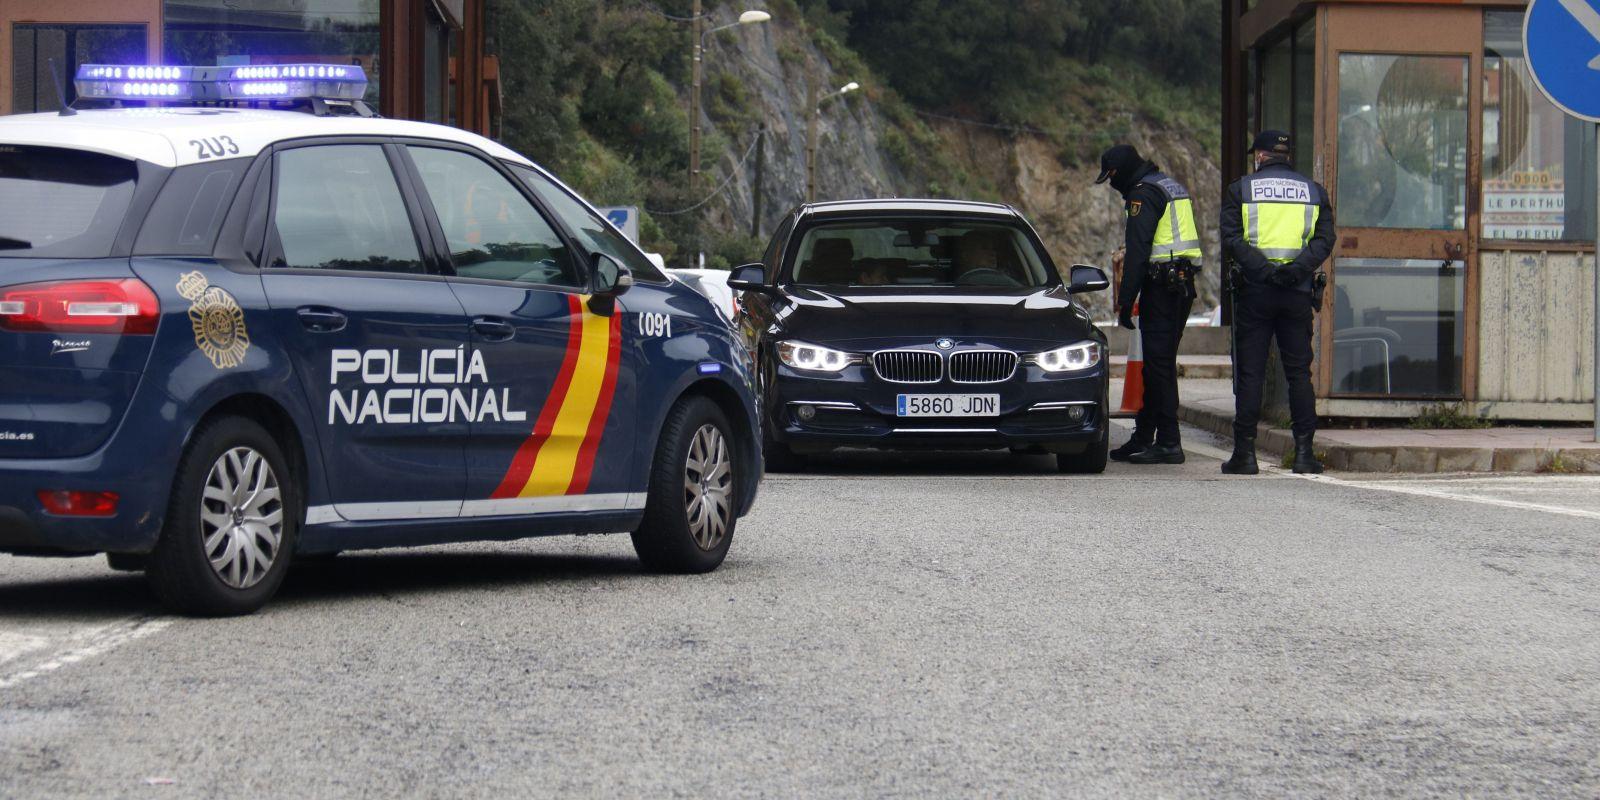 Dos agents de la Policia Nacional fent un control a un turisme que vol creuar la frontera | ACN